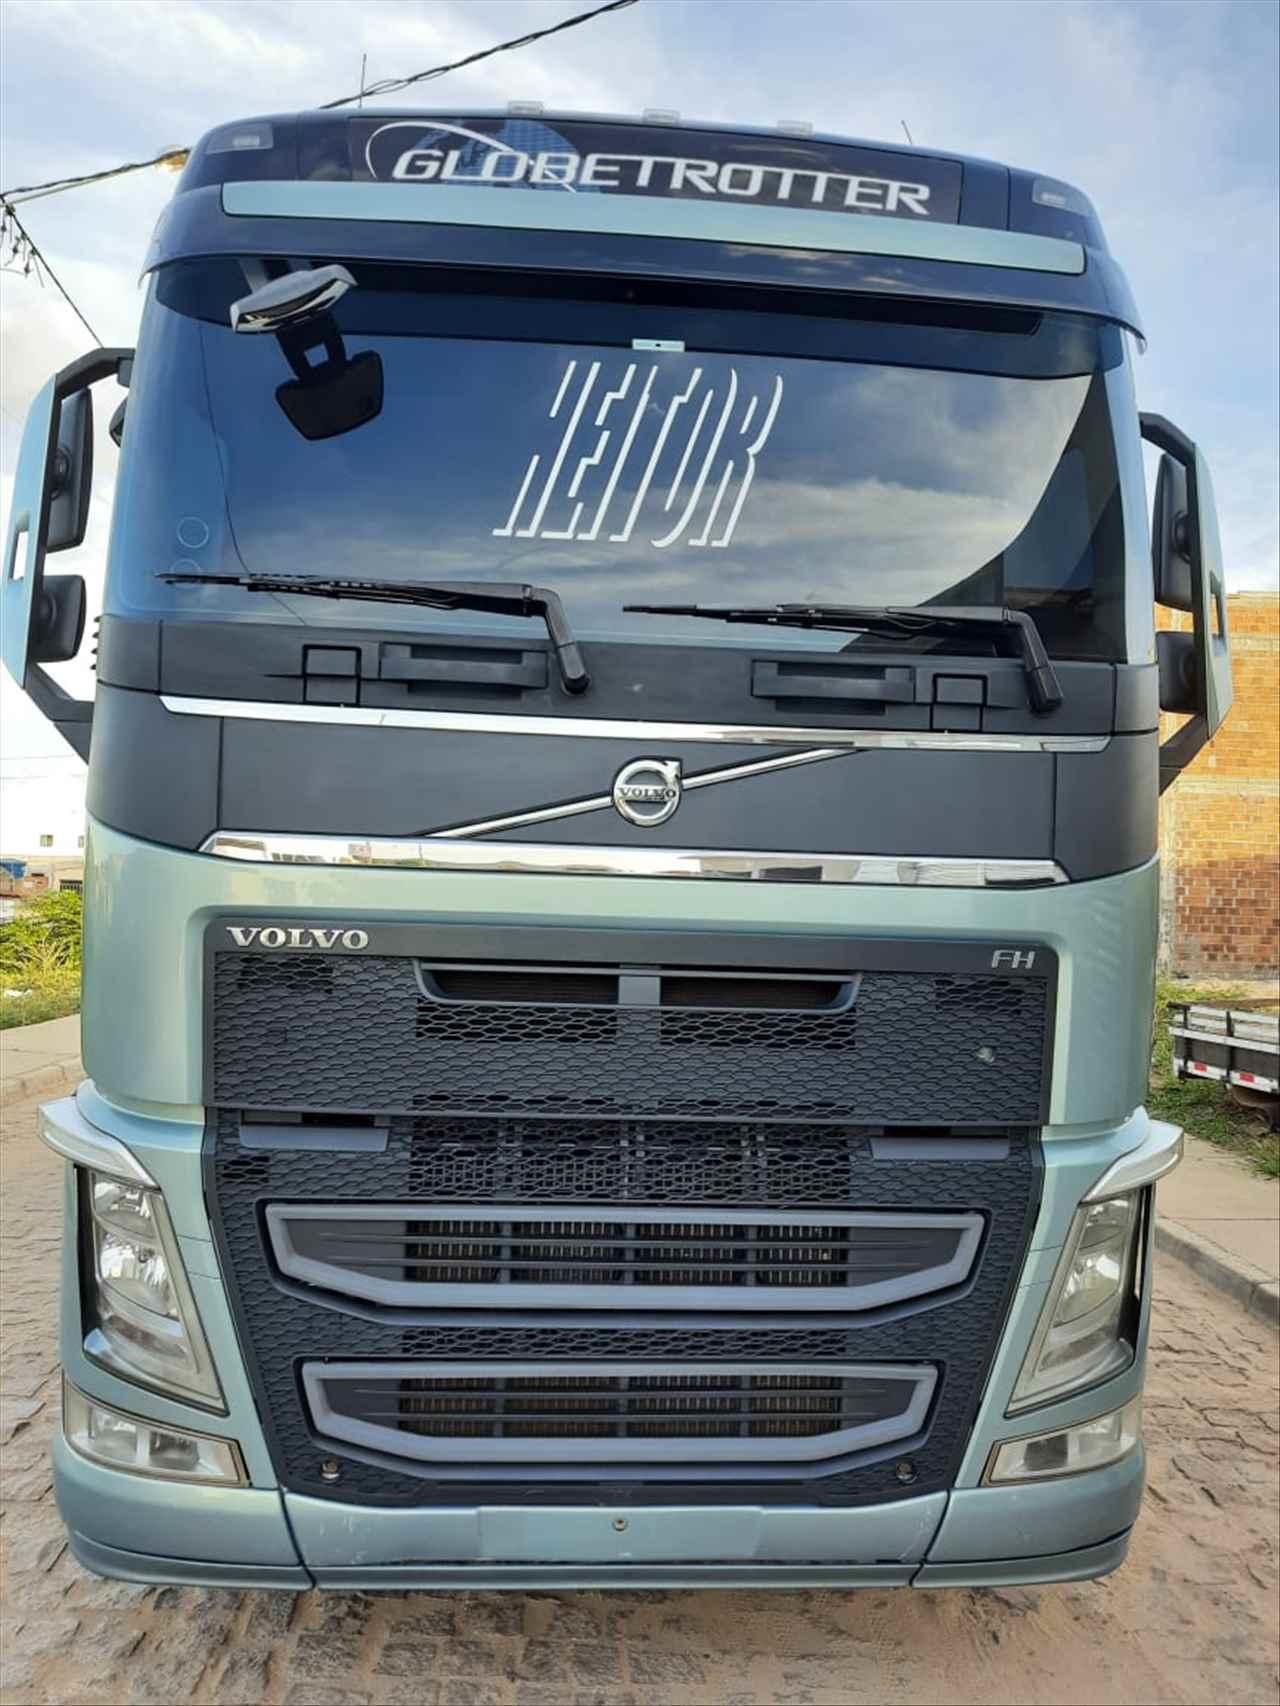 CAMINHAO VOLVO VOLVO FH 460 Cavalo Mecânico Truck 6x2 Diogo Caminhões ANAPOLIS GOIAS GO